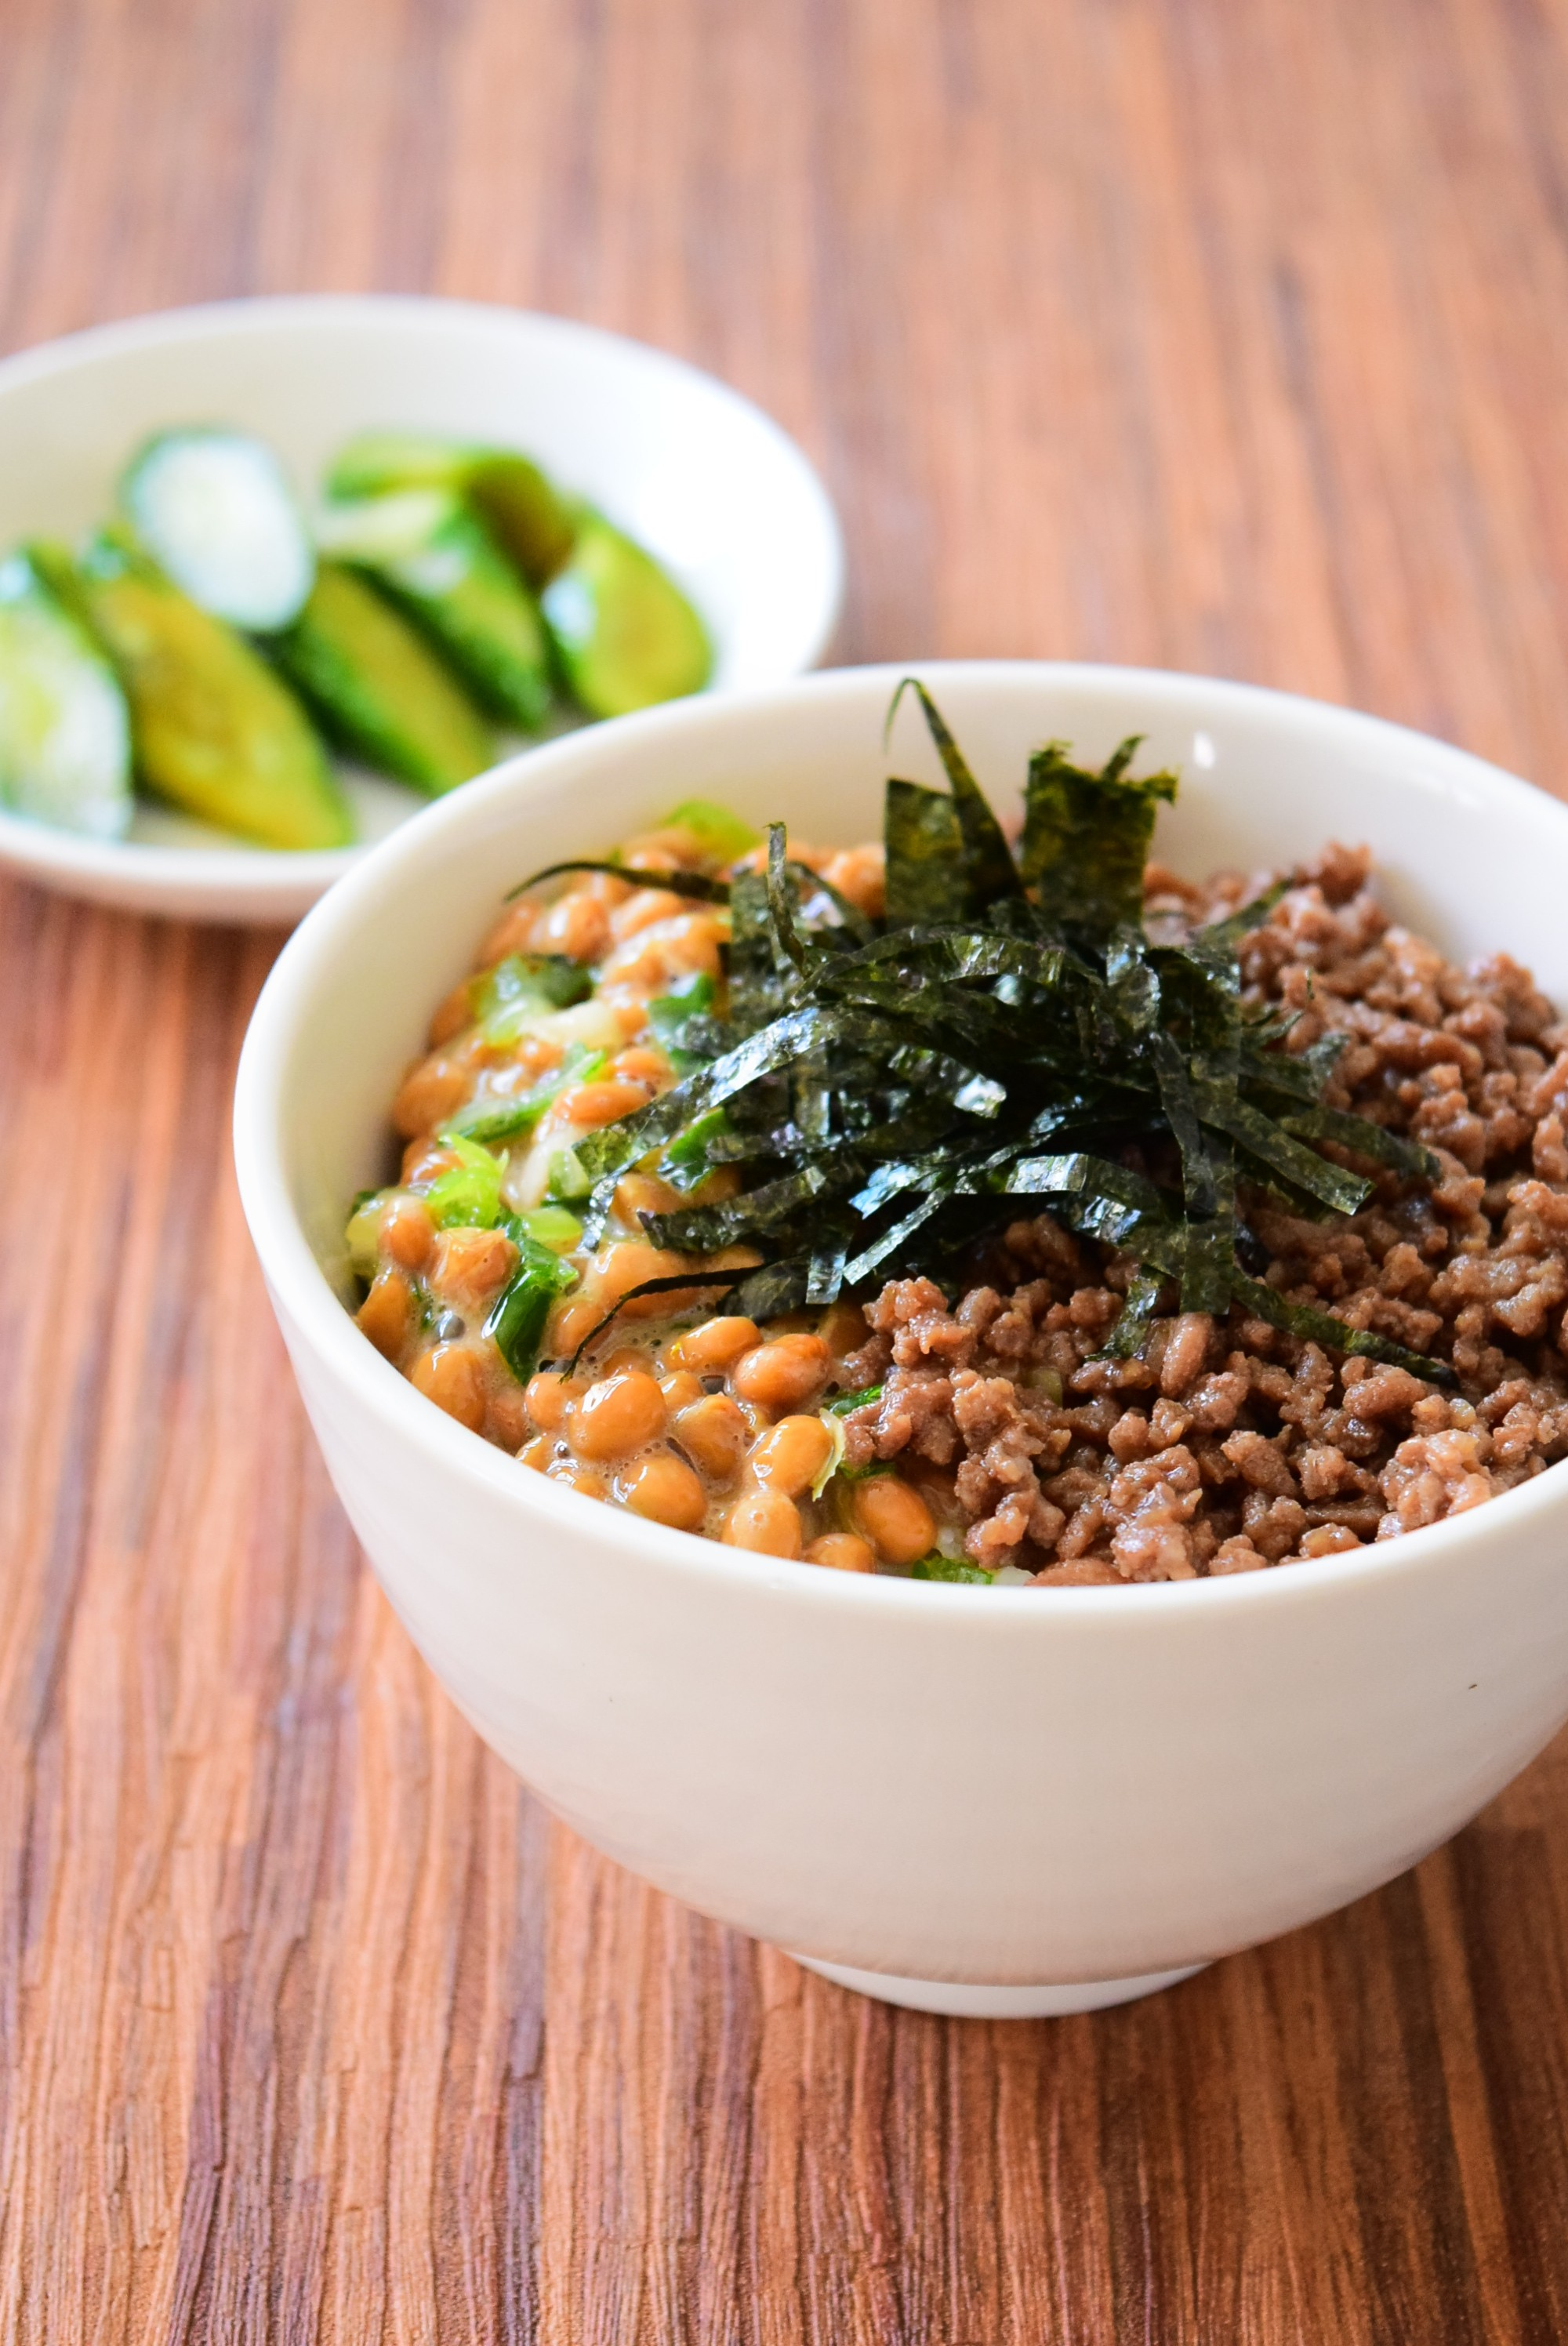 ねぎ入り納豆と肉そぼろ丼のレシピ